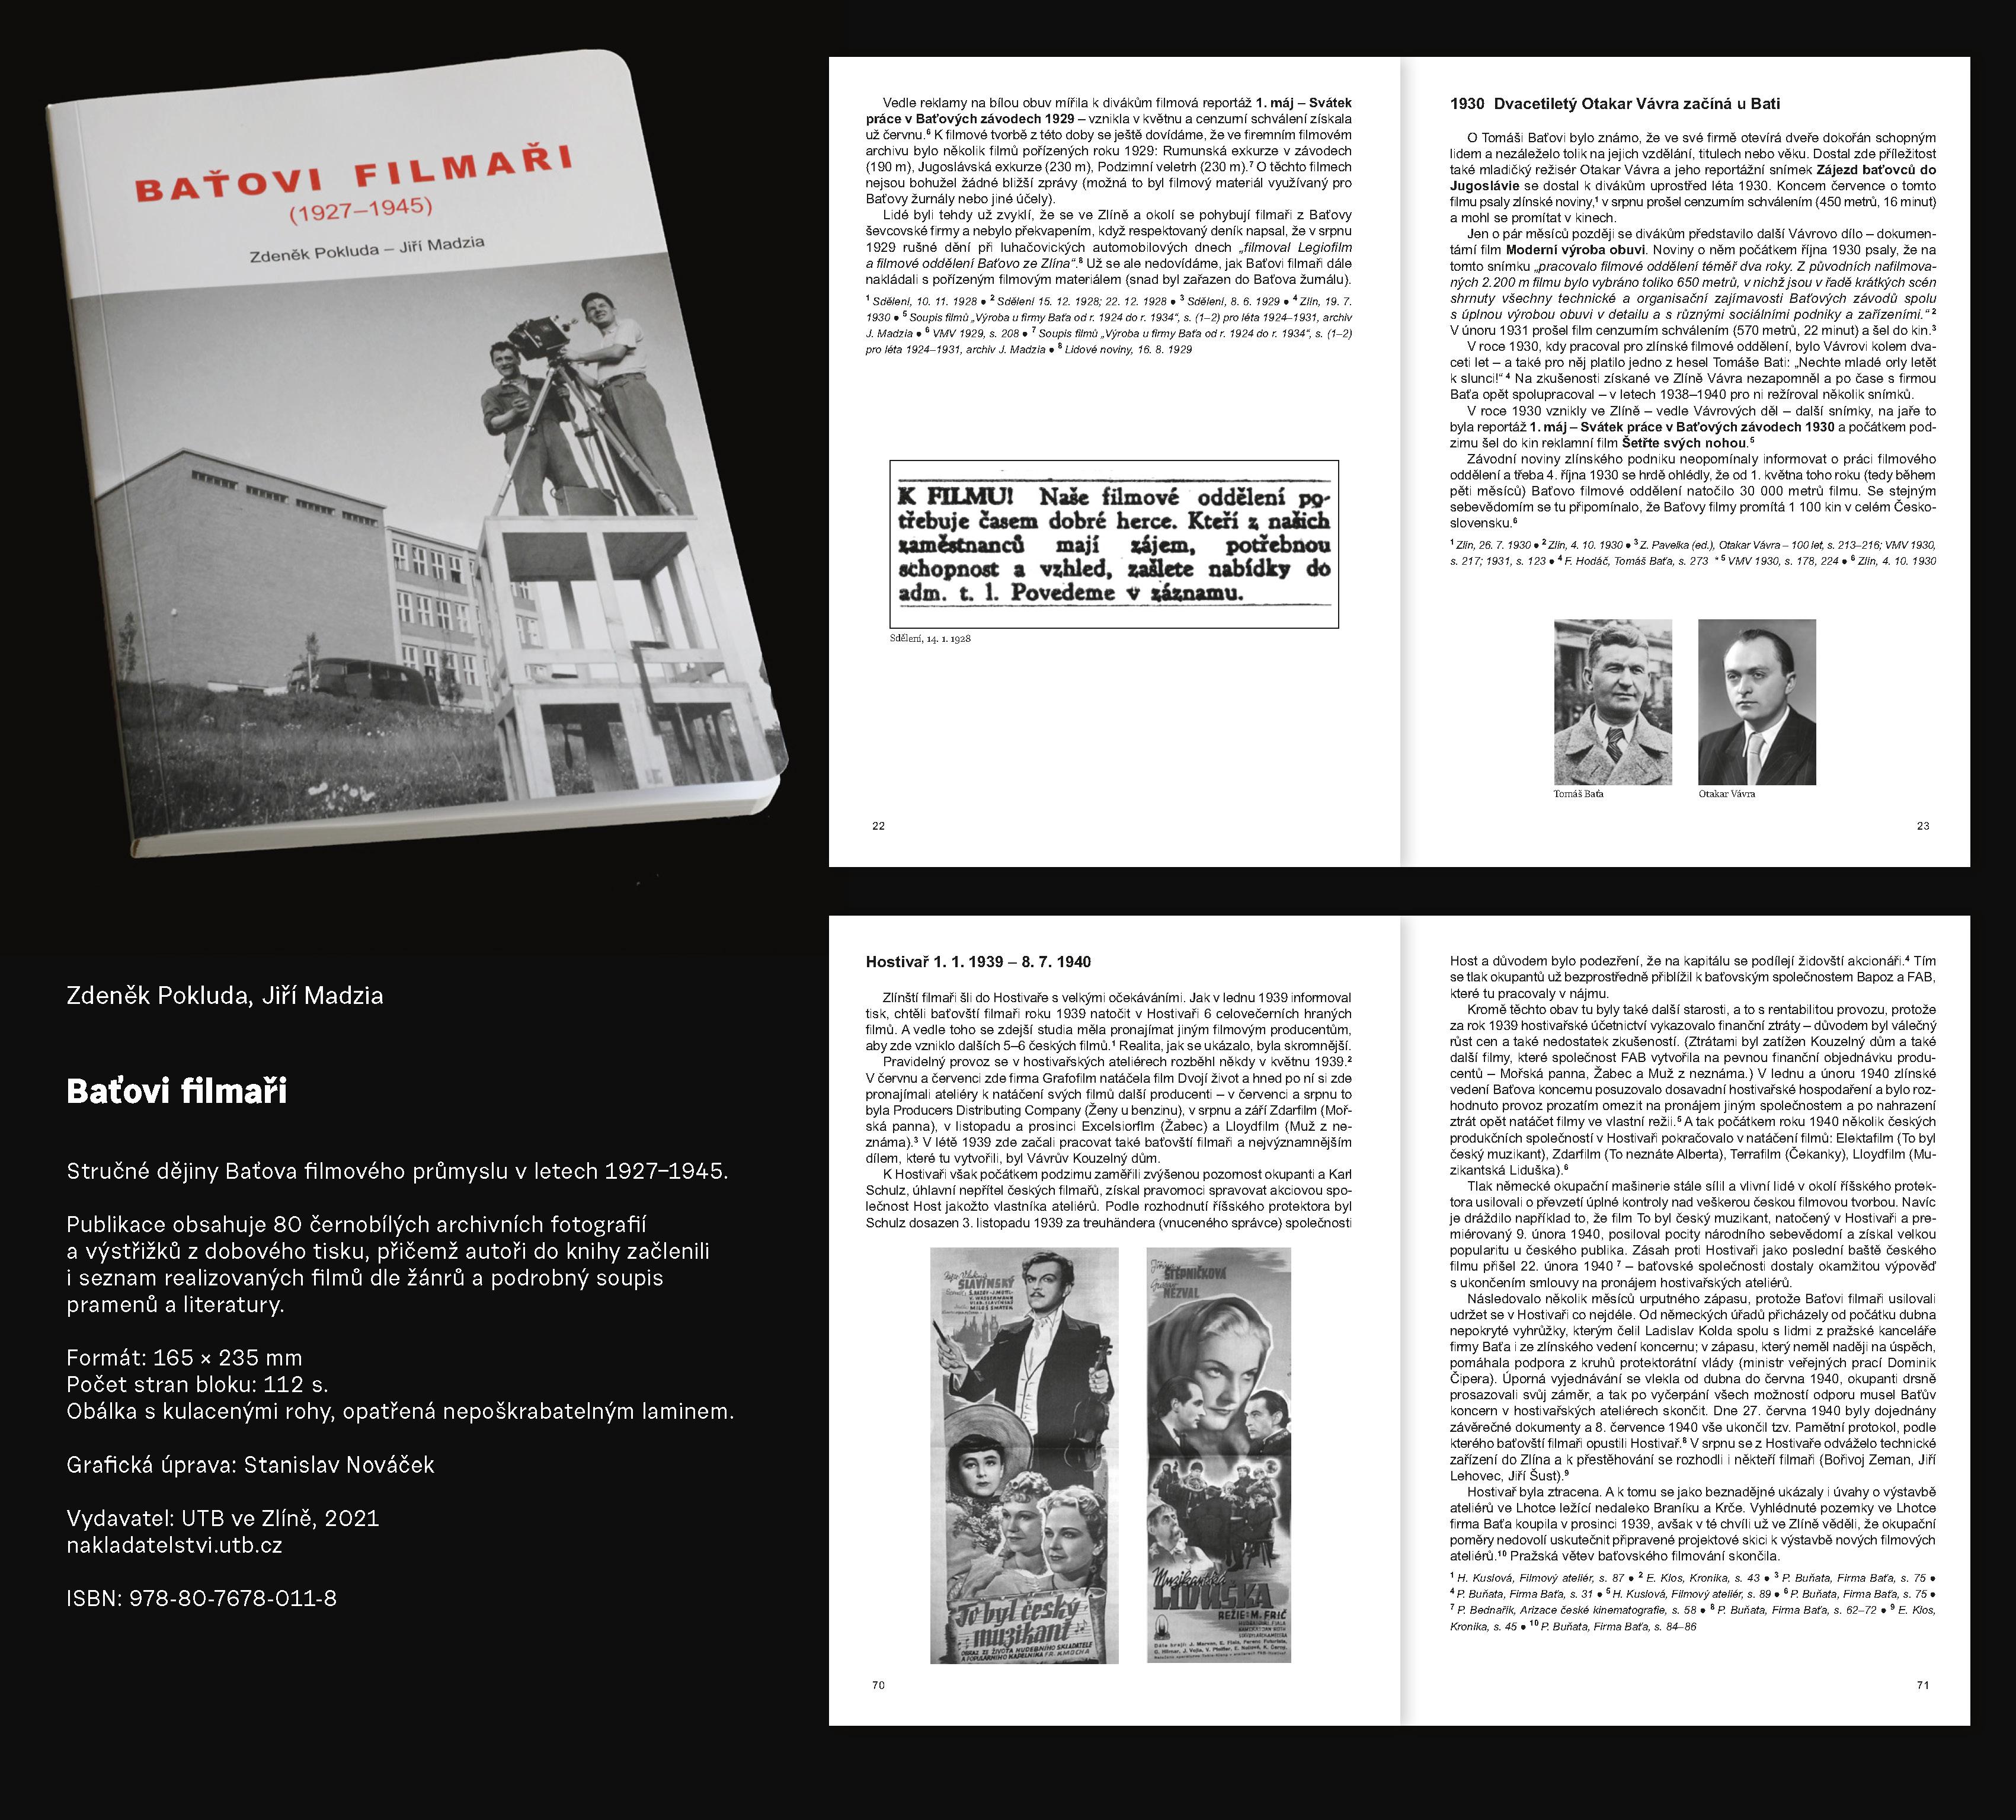 Průvodní list ke knize Baťovi filmaři